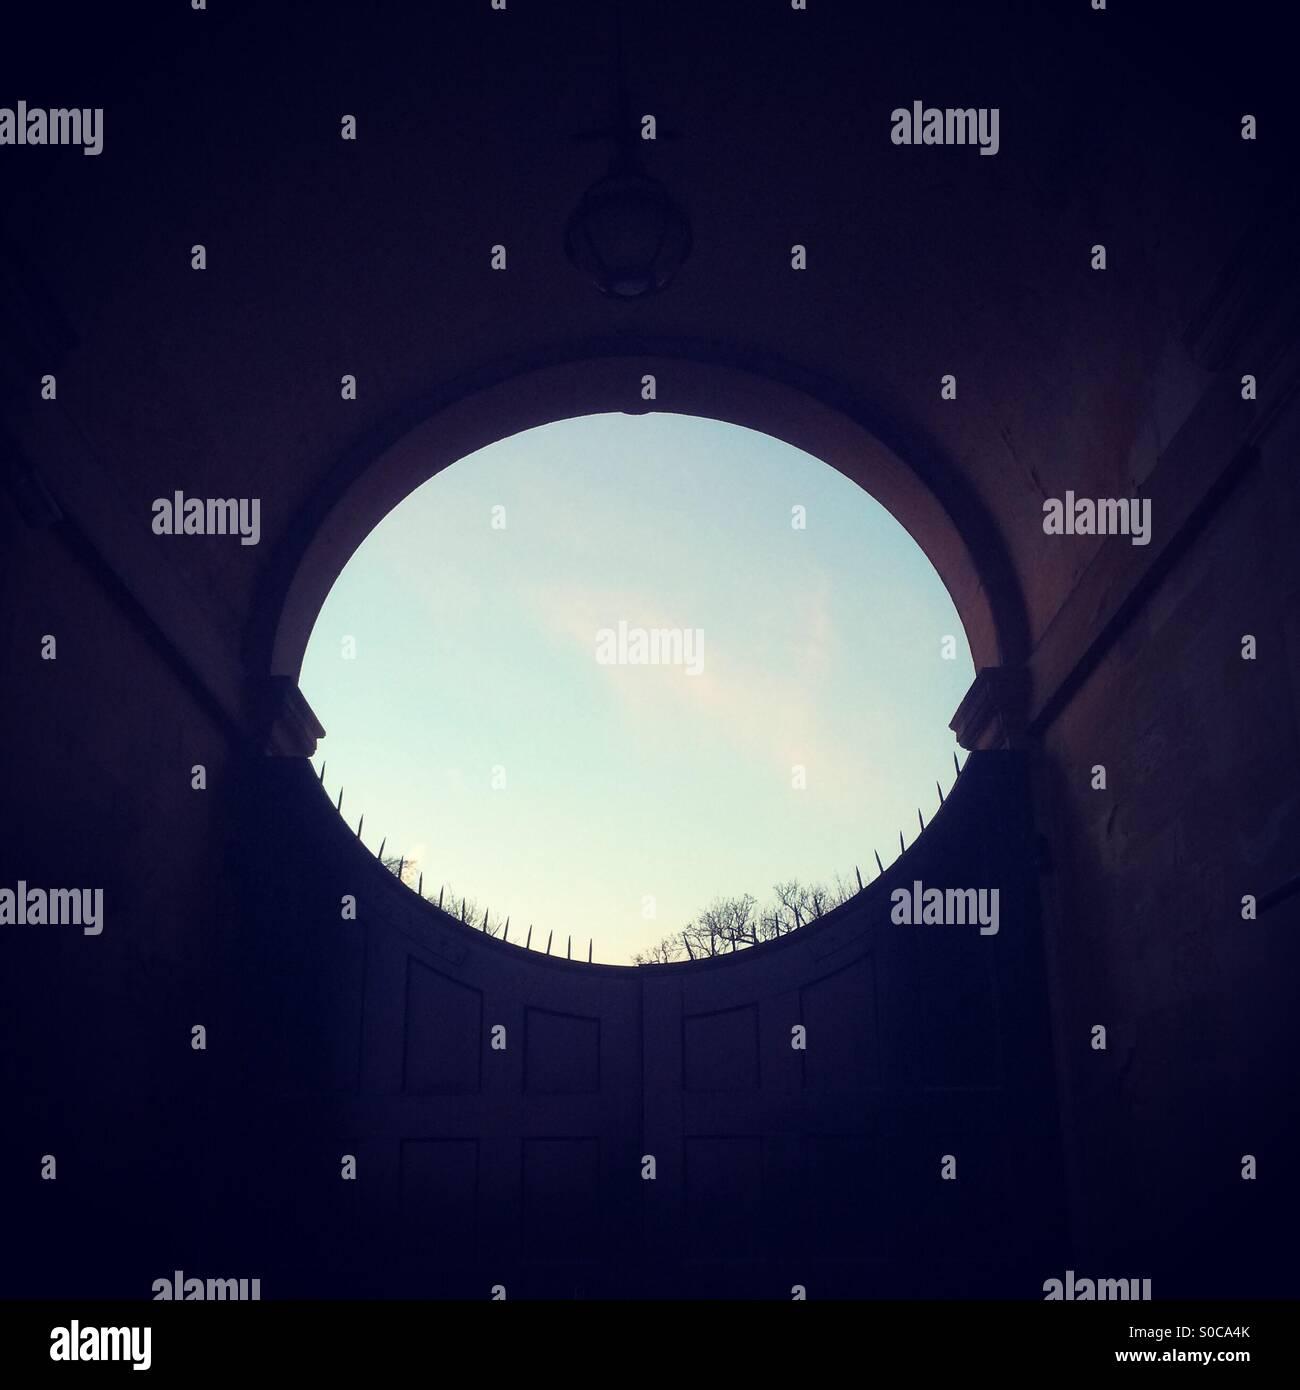 Gateway Stockbild